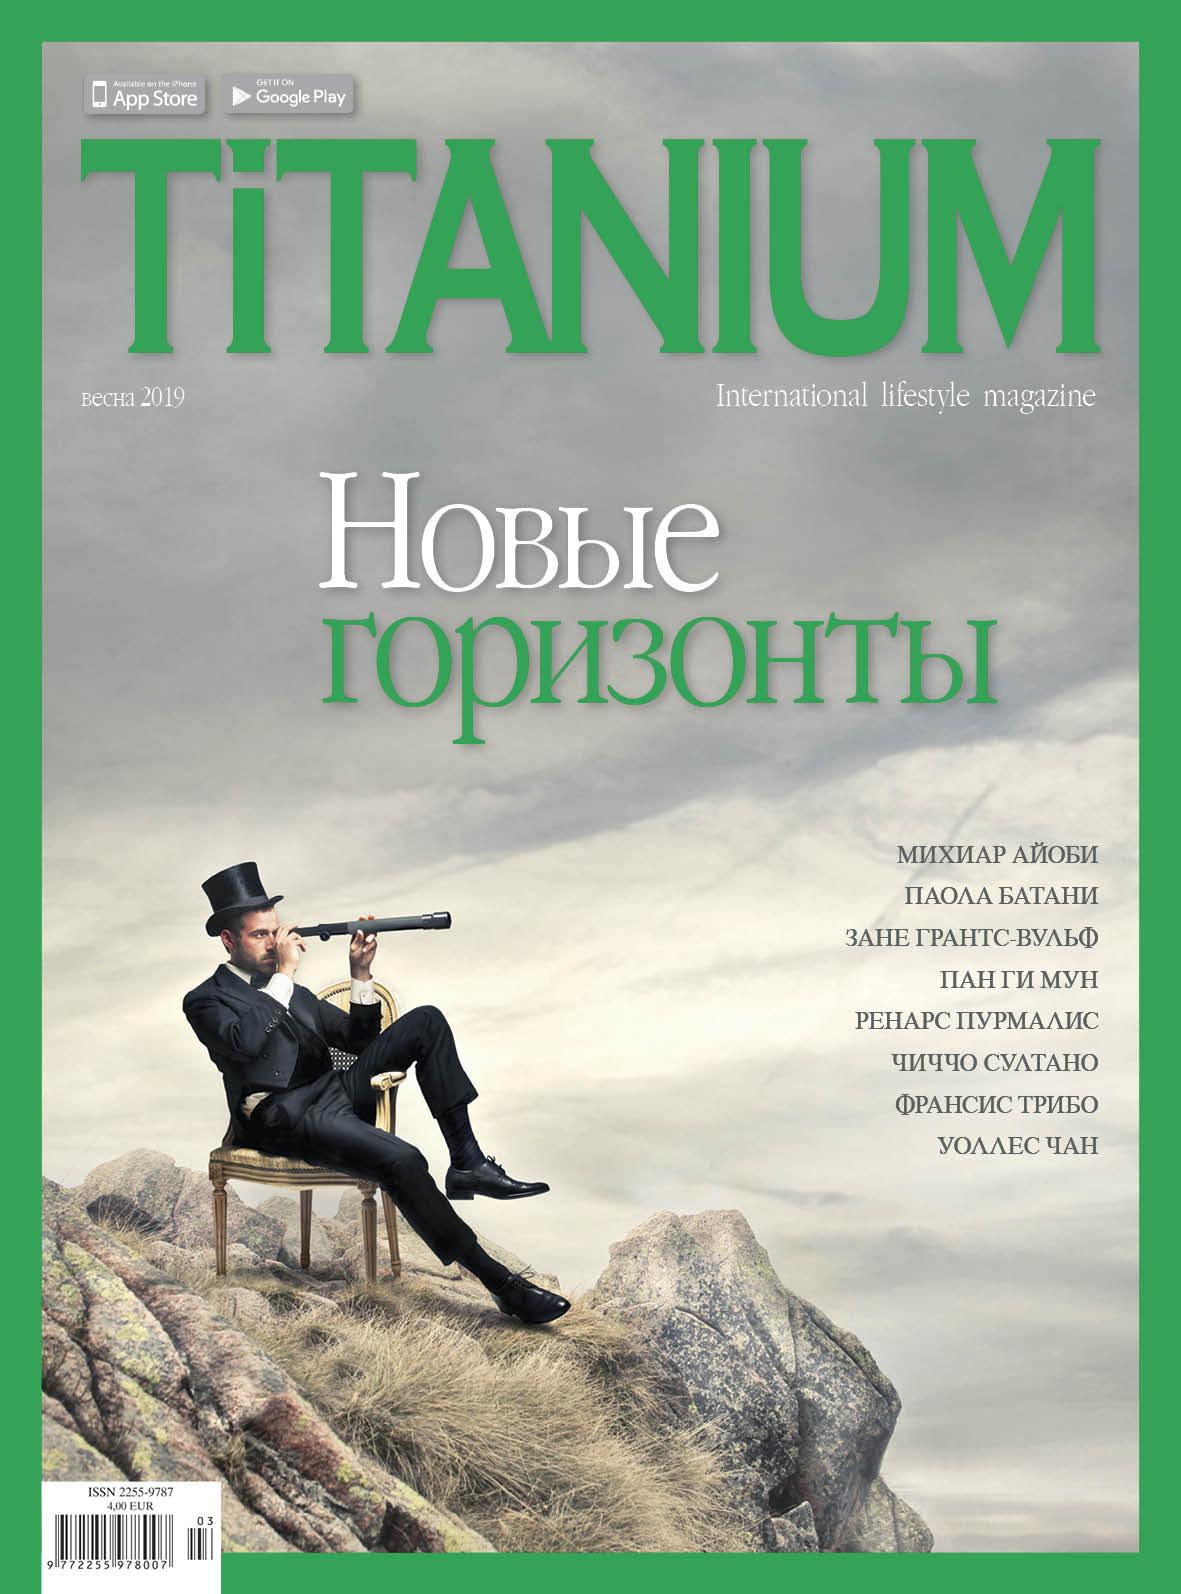 Titanium_cover_47